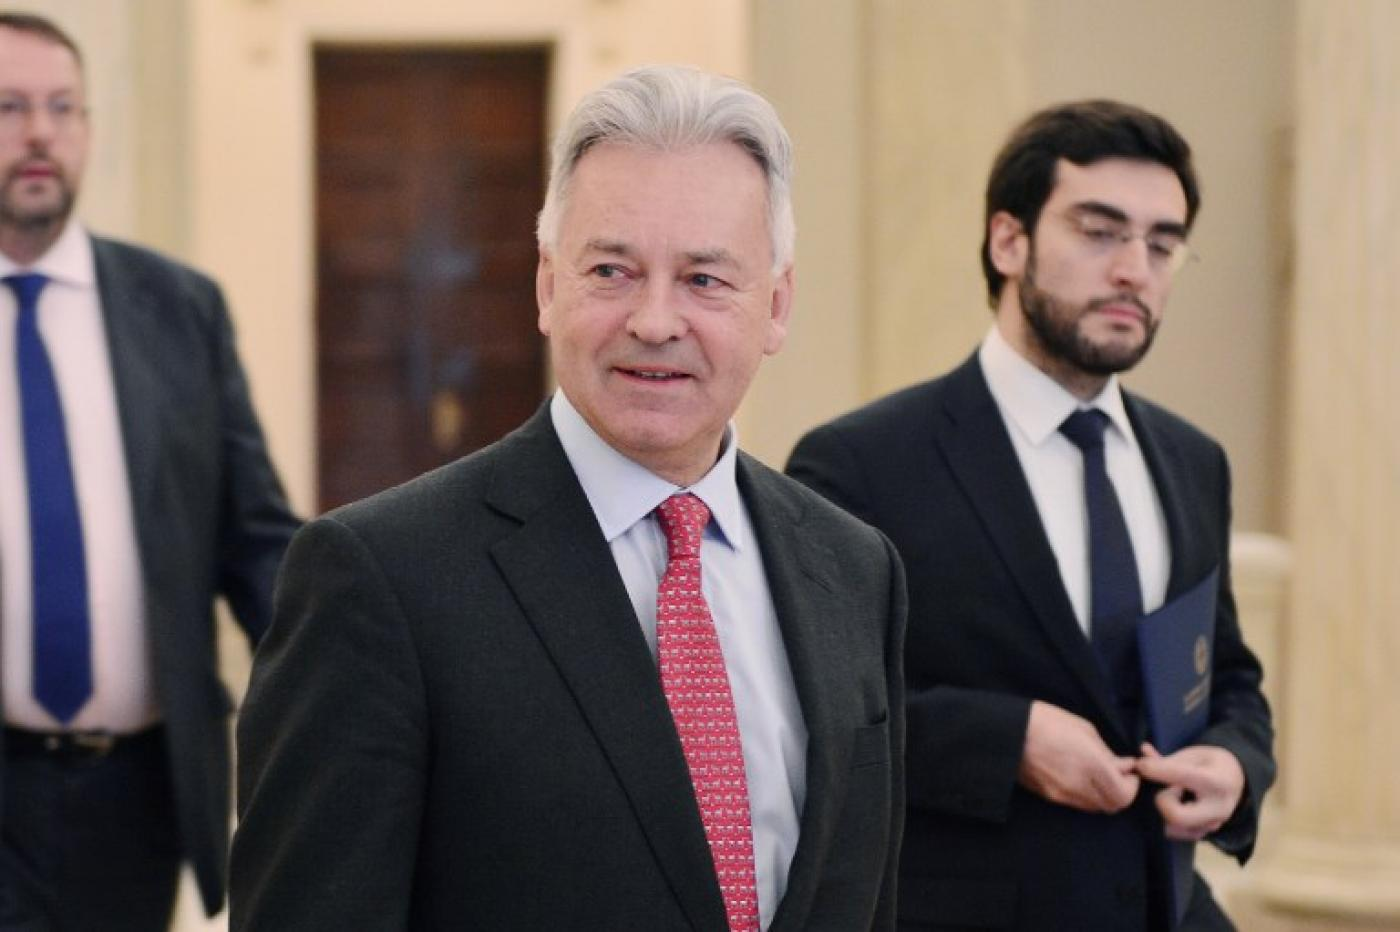 Nakon izjave Alana Duncana o Ekskluzivnoj ekonomskoj zoni Kipra izbila kriza između Kipra i Velike Britanije